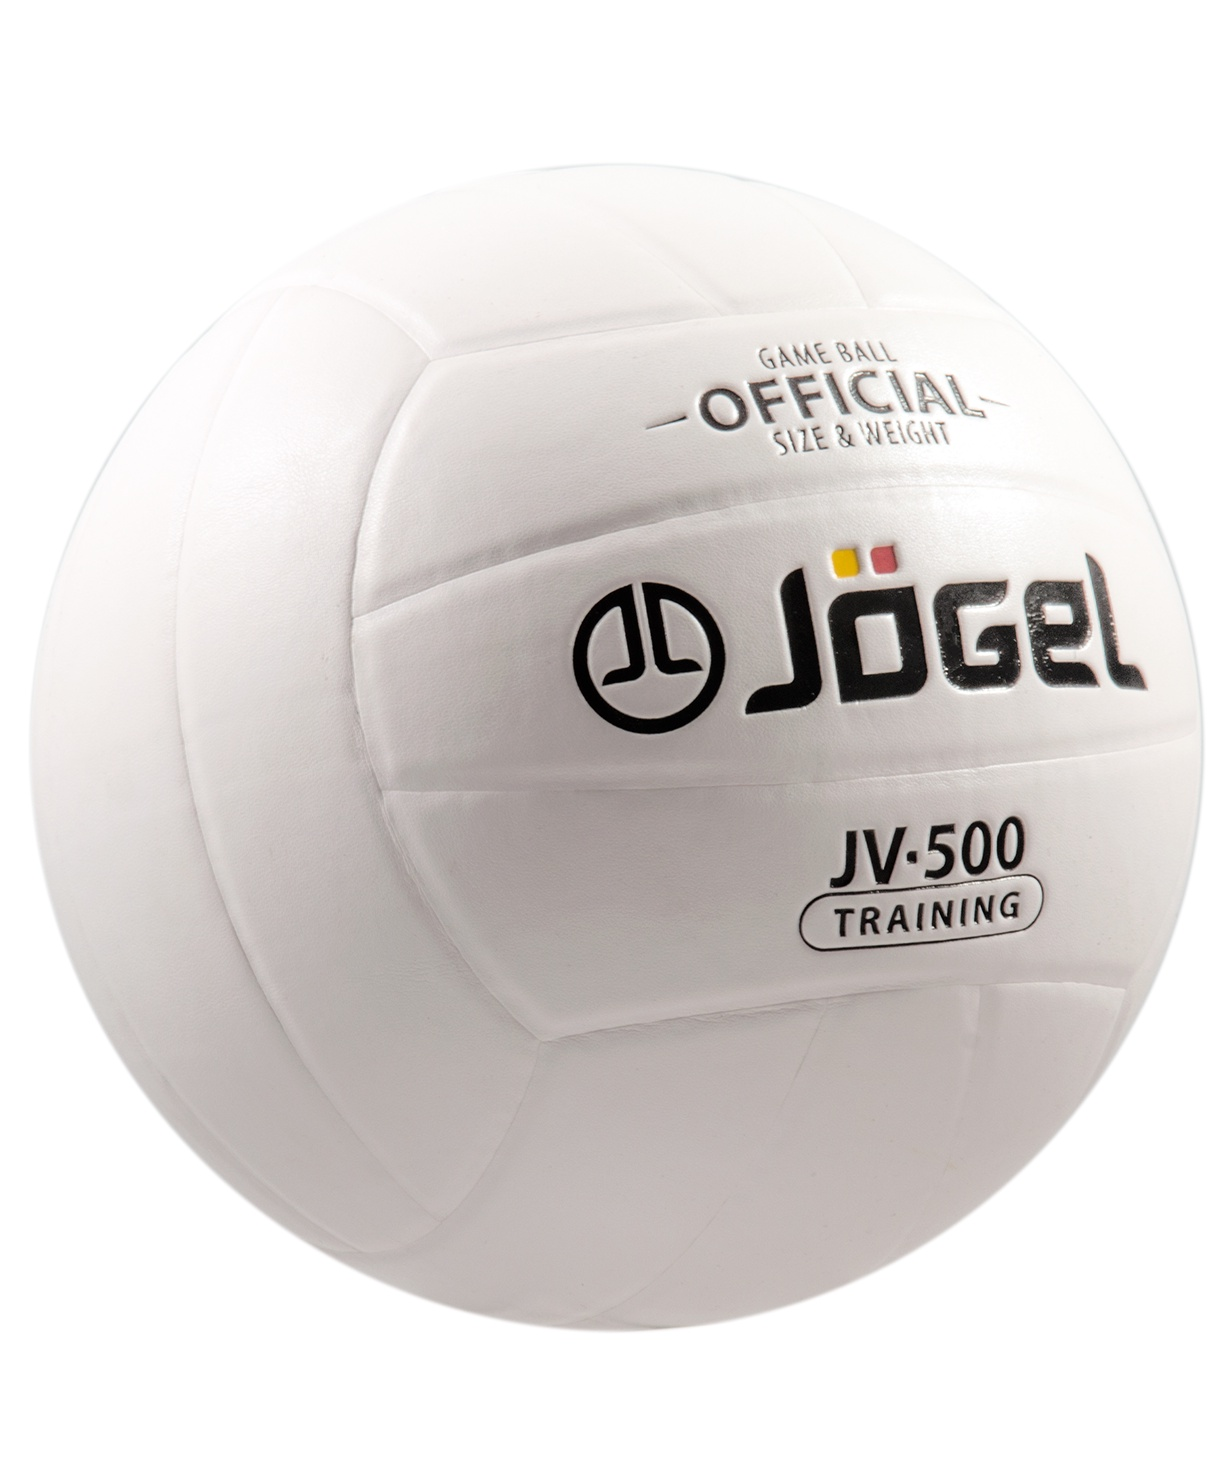 Мяч волейбольный Jogel JV-500 мяч волейбольный jоgel jv 220 цвет синий оранжевый размер 4